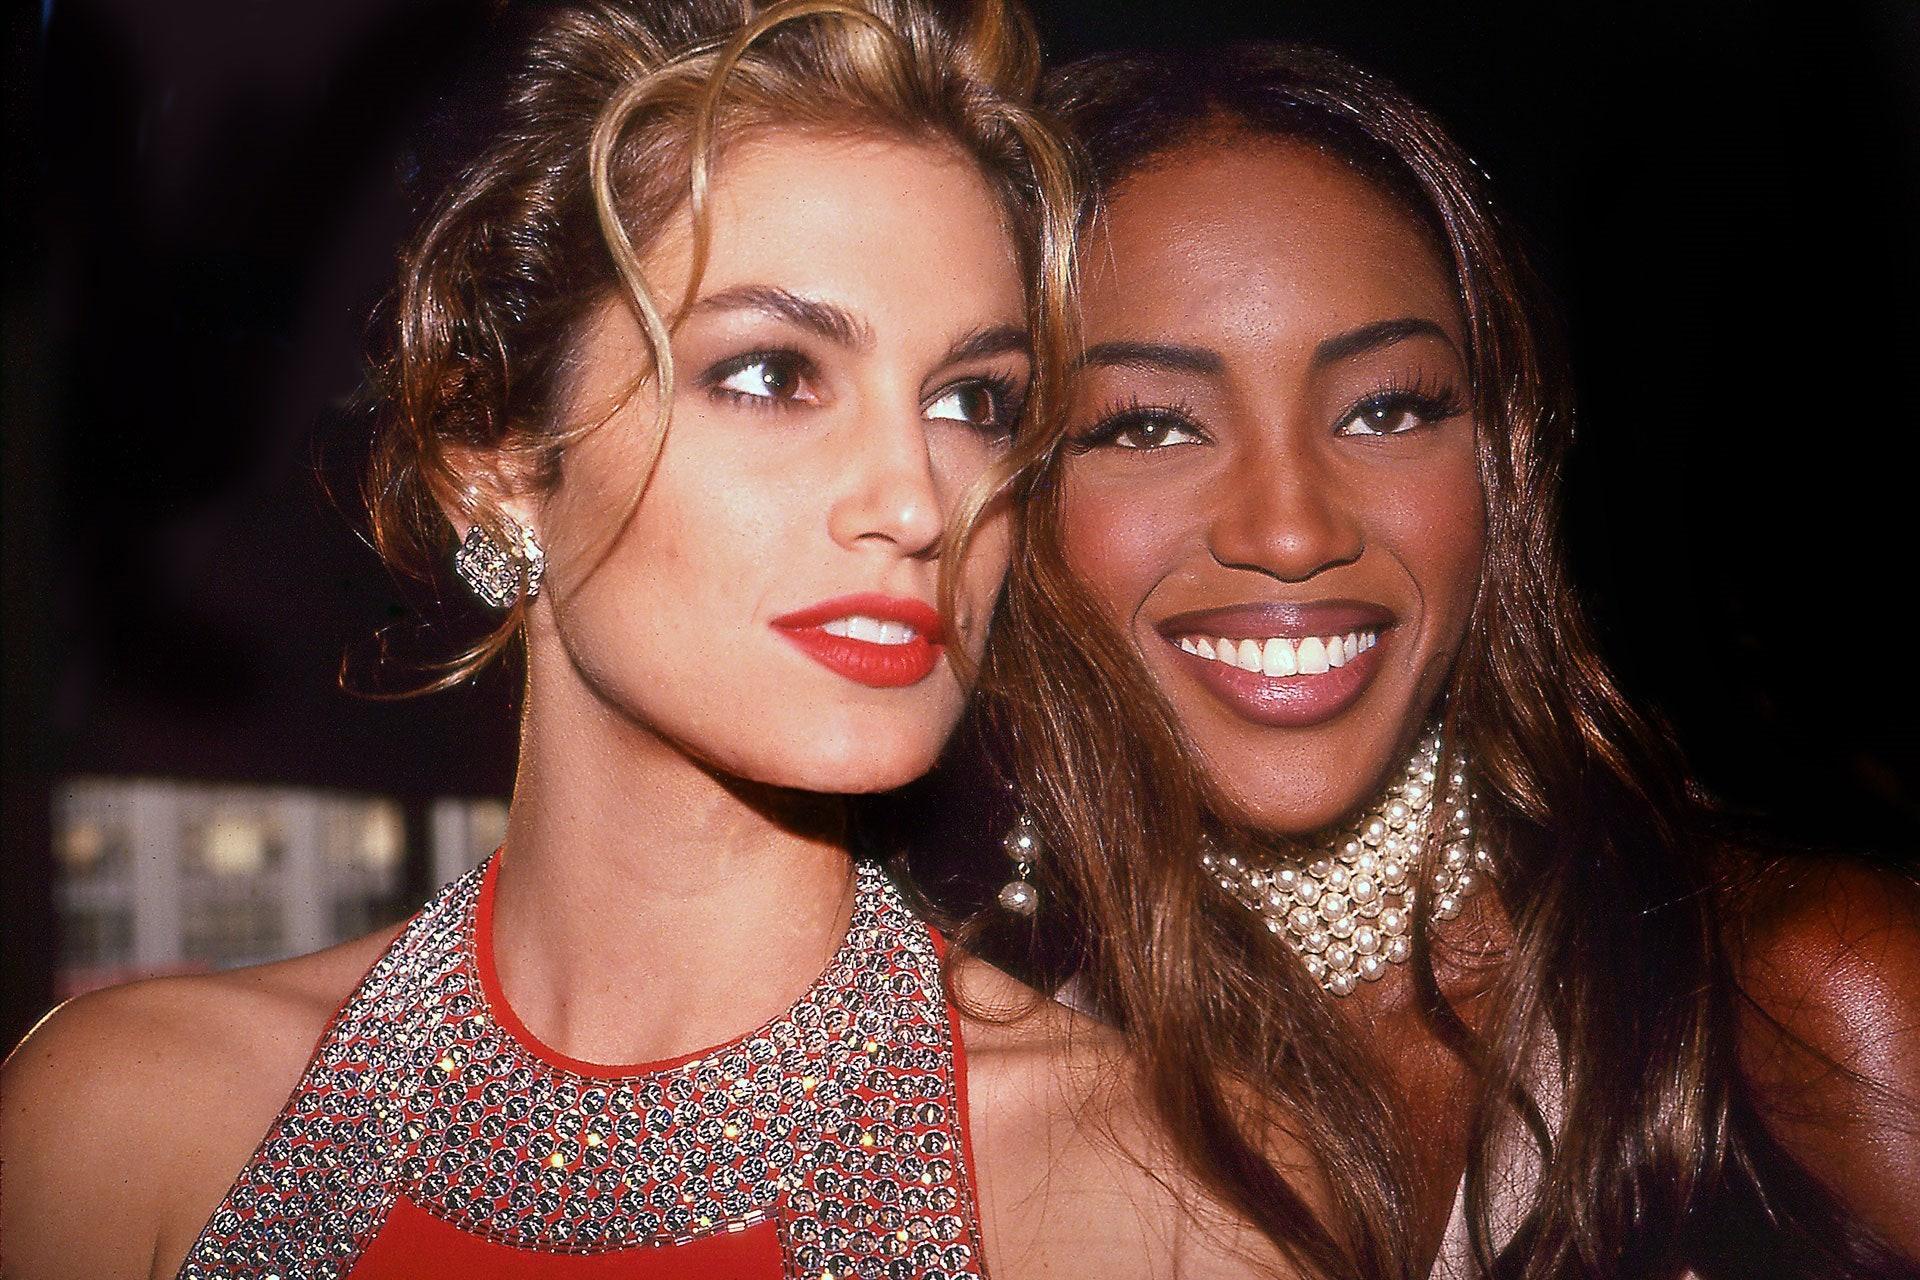 Las icónicas supermodelos de los 90 tendrán su propia miniserie documental en Apple TV+